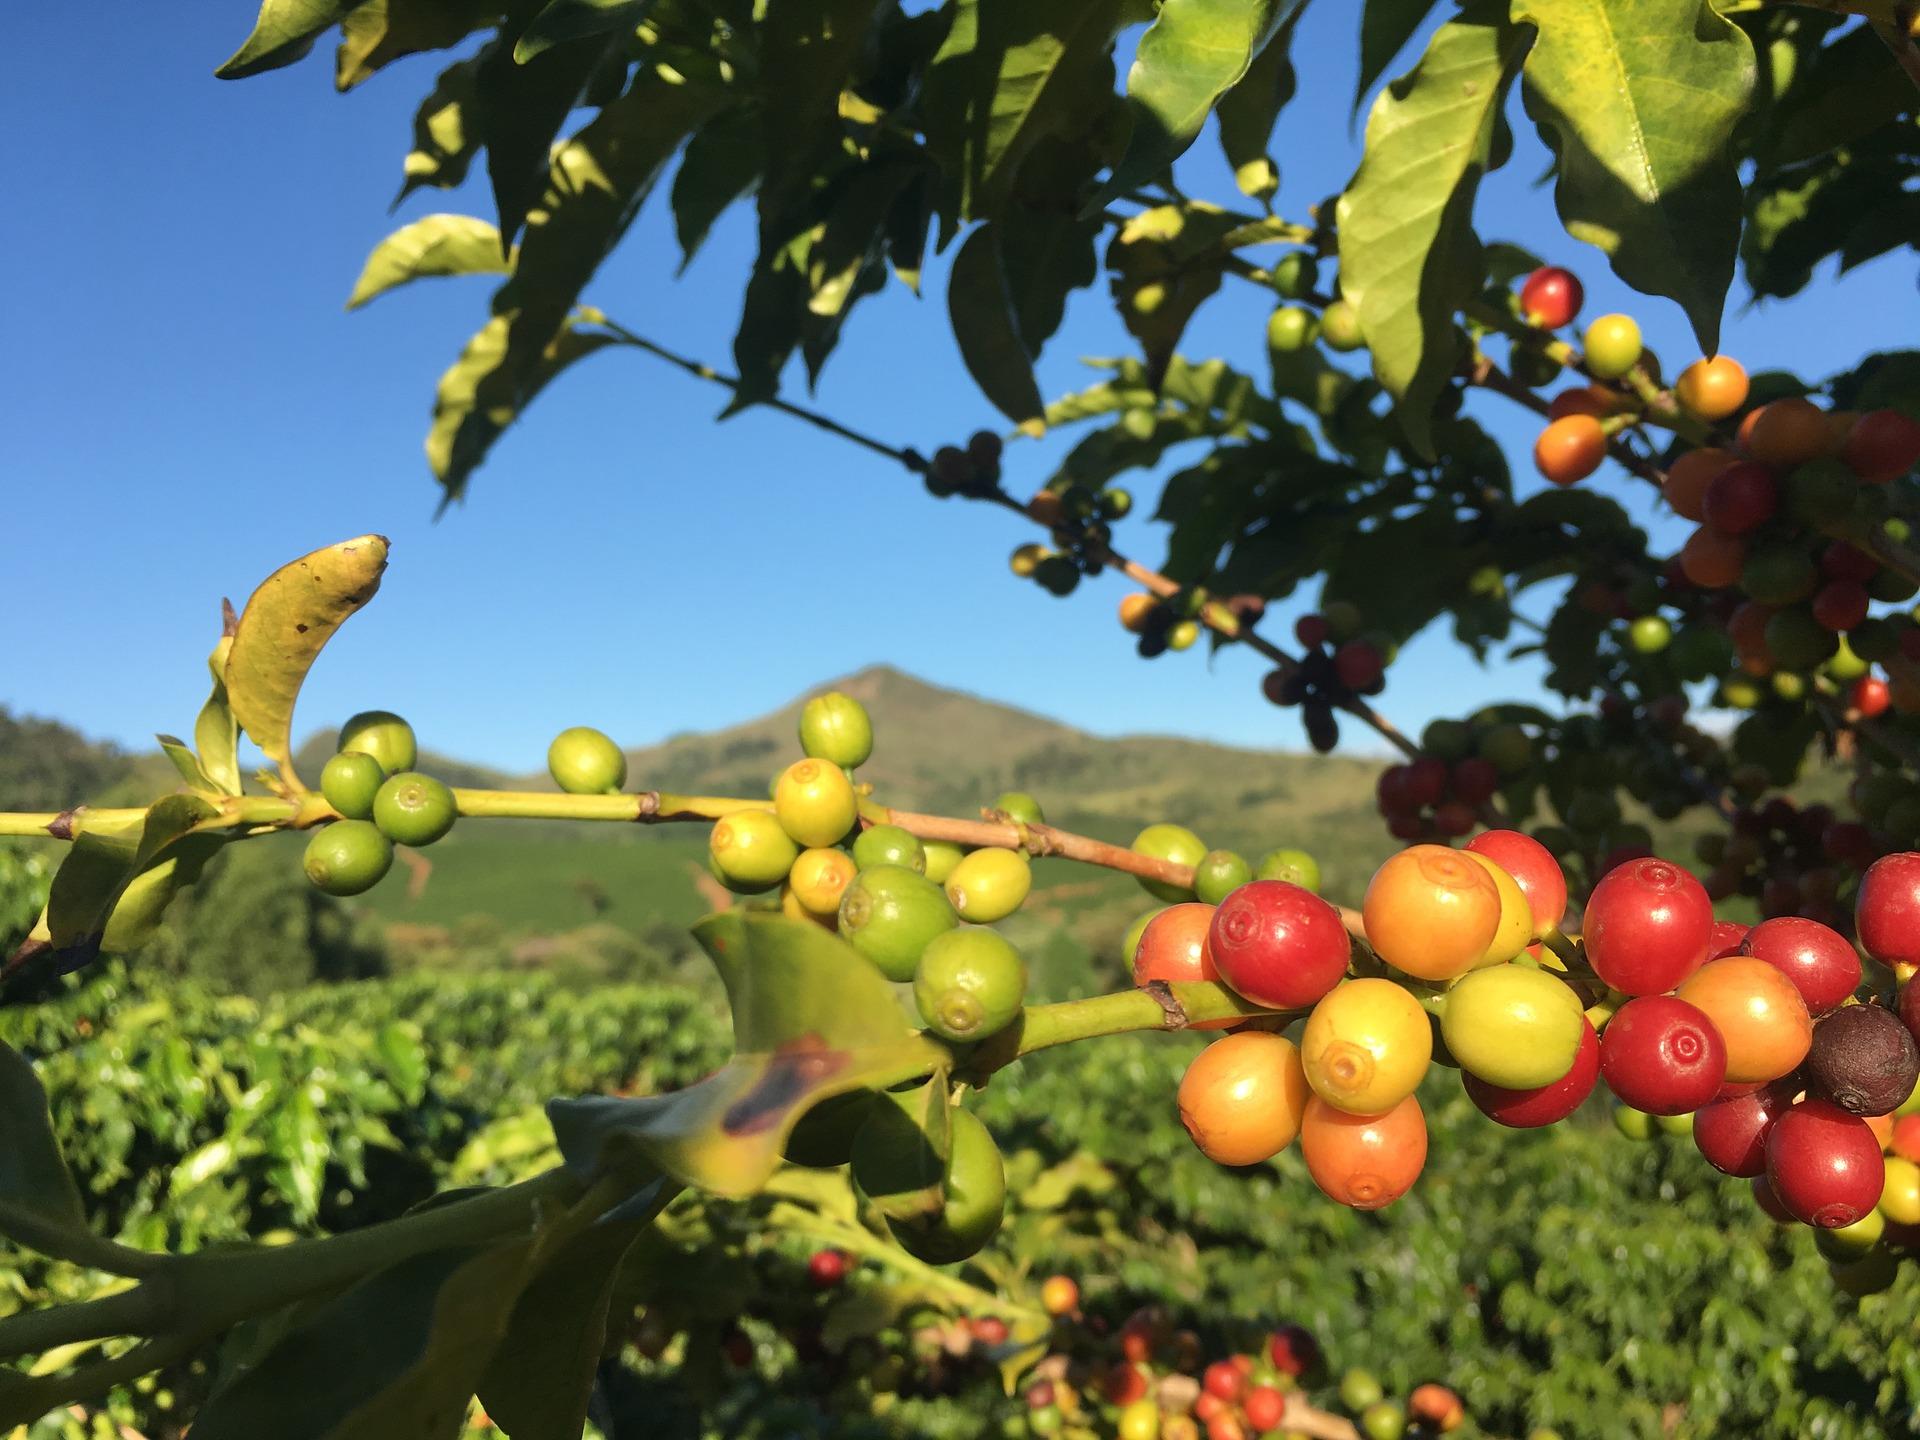 café mexicano puede estar en peligro de extinción